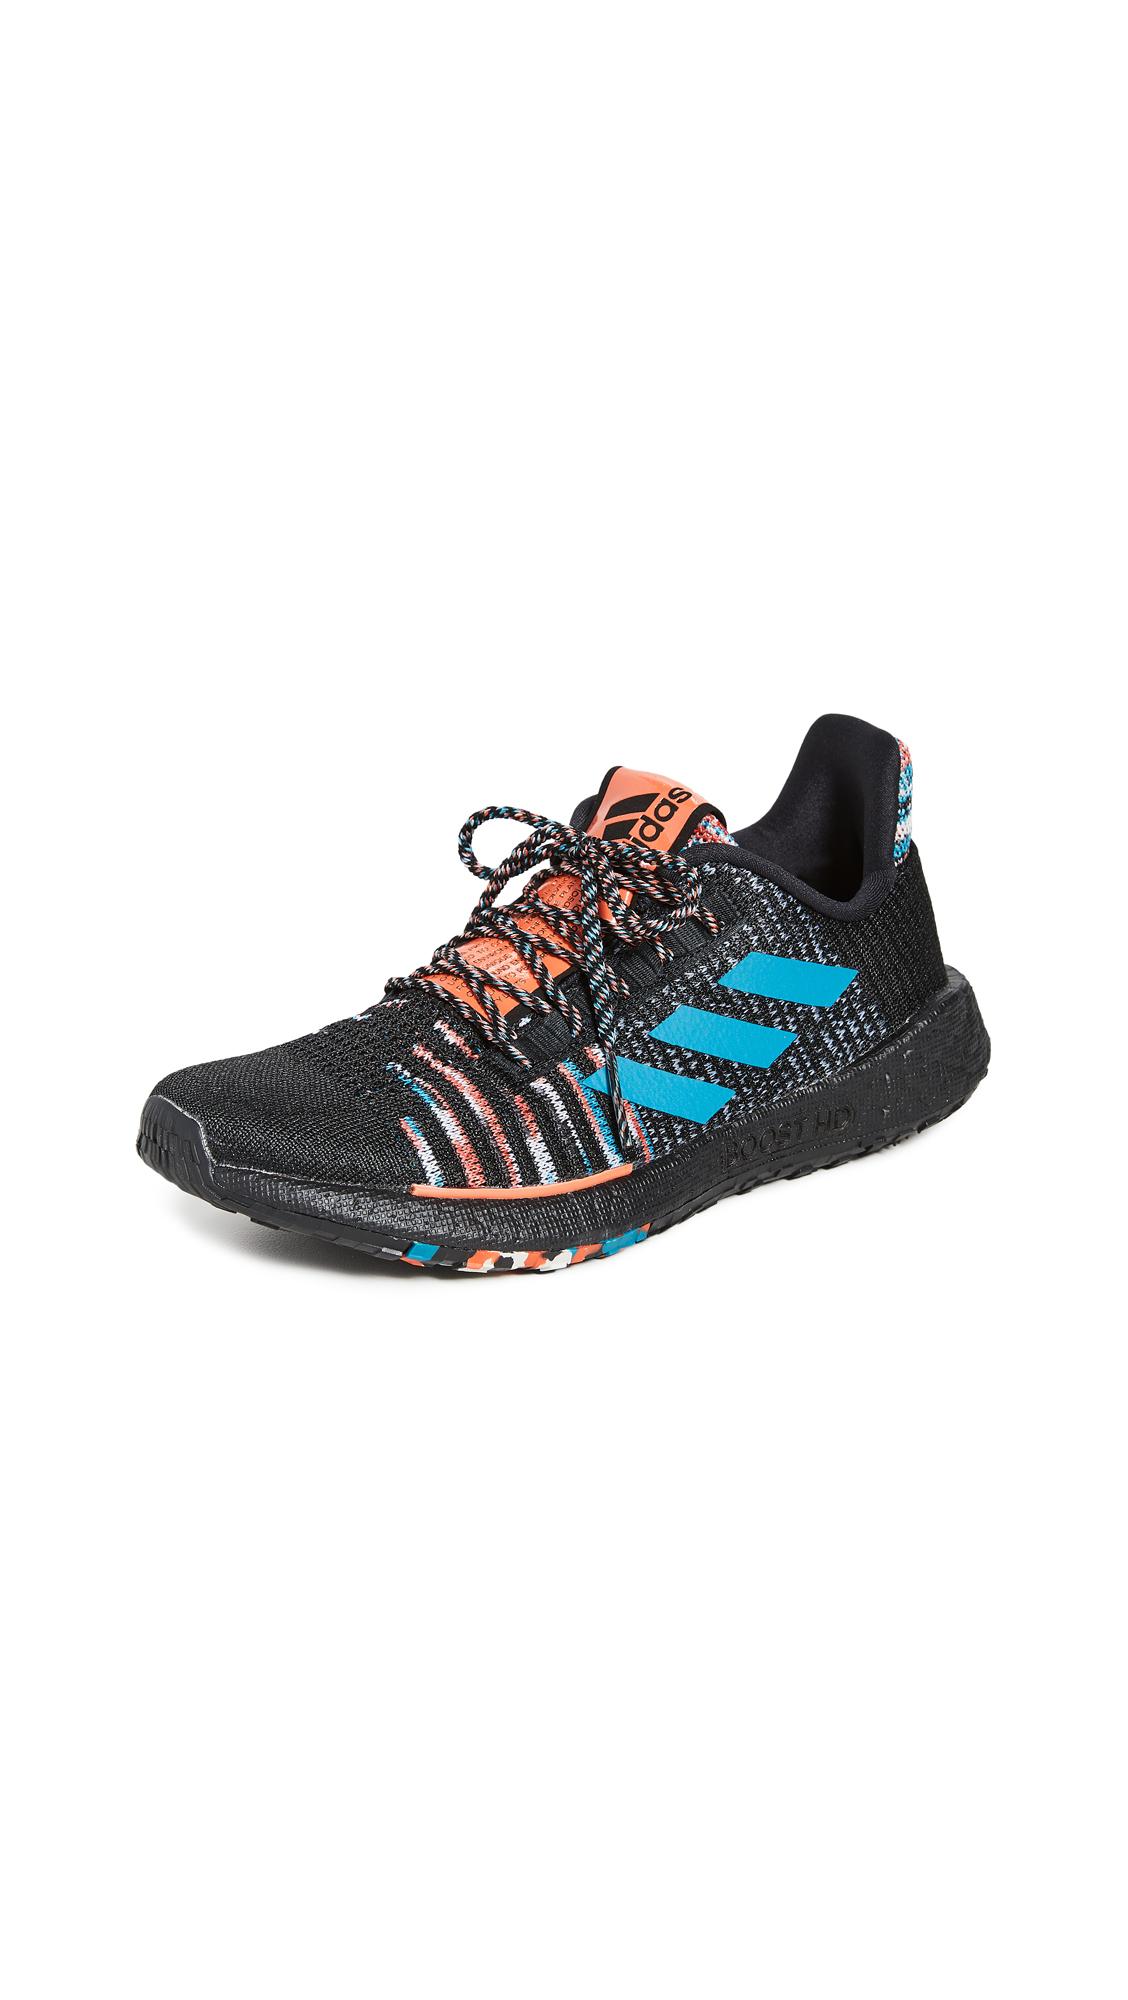 Buy adidas online - photo of adidas x MISSONI Pulseboost HD Sneakers